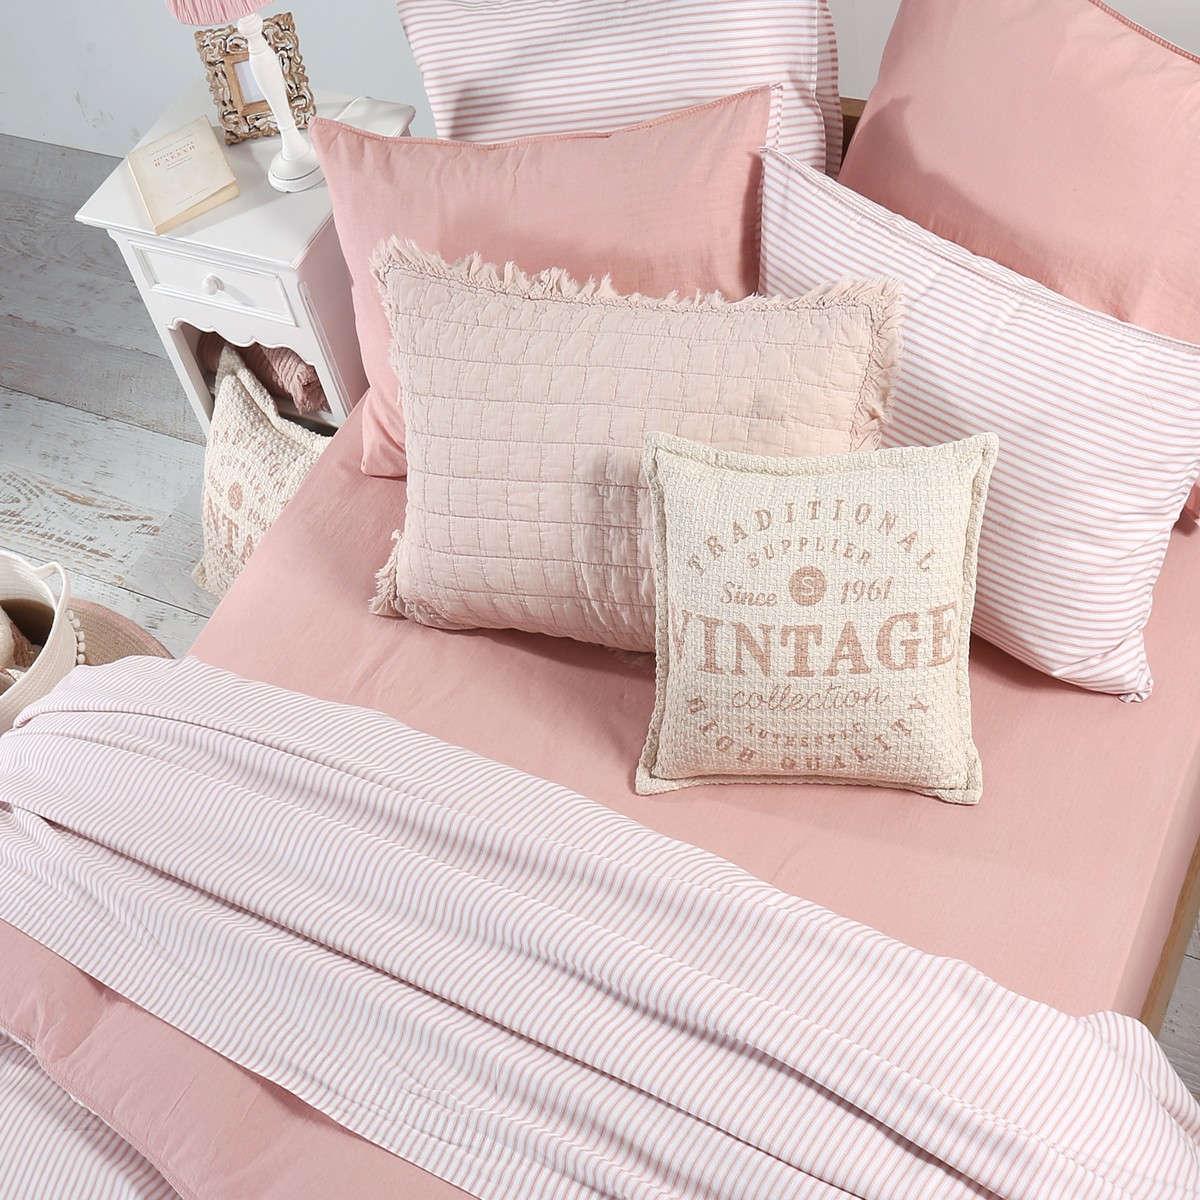 Σεντόνια Σετ 4Τμχ. Vintage Pink Nef-Nef Υπέρδιπλo 240x260cm